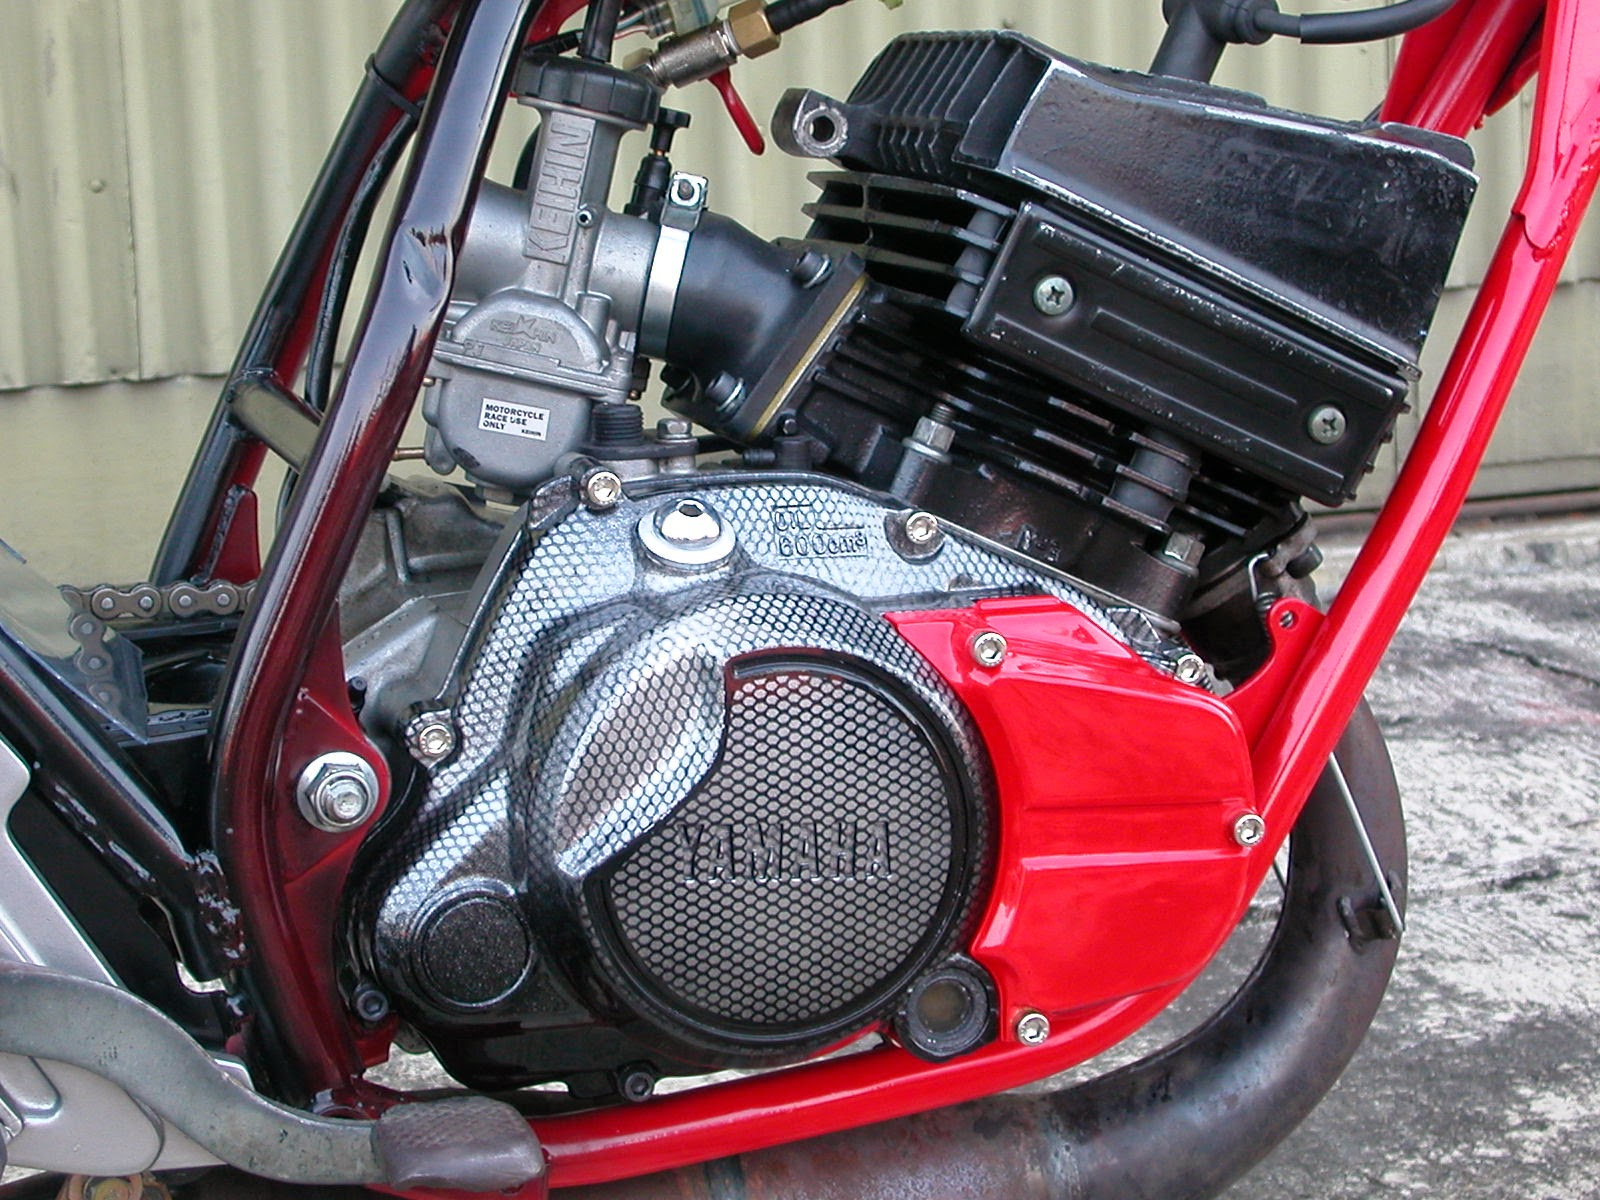 Modifikasi Honda Karisma Menjadi Trail